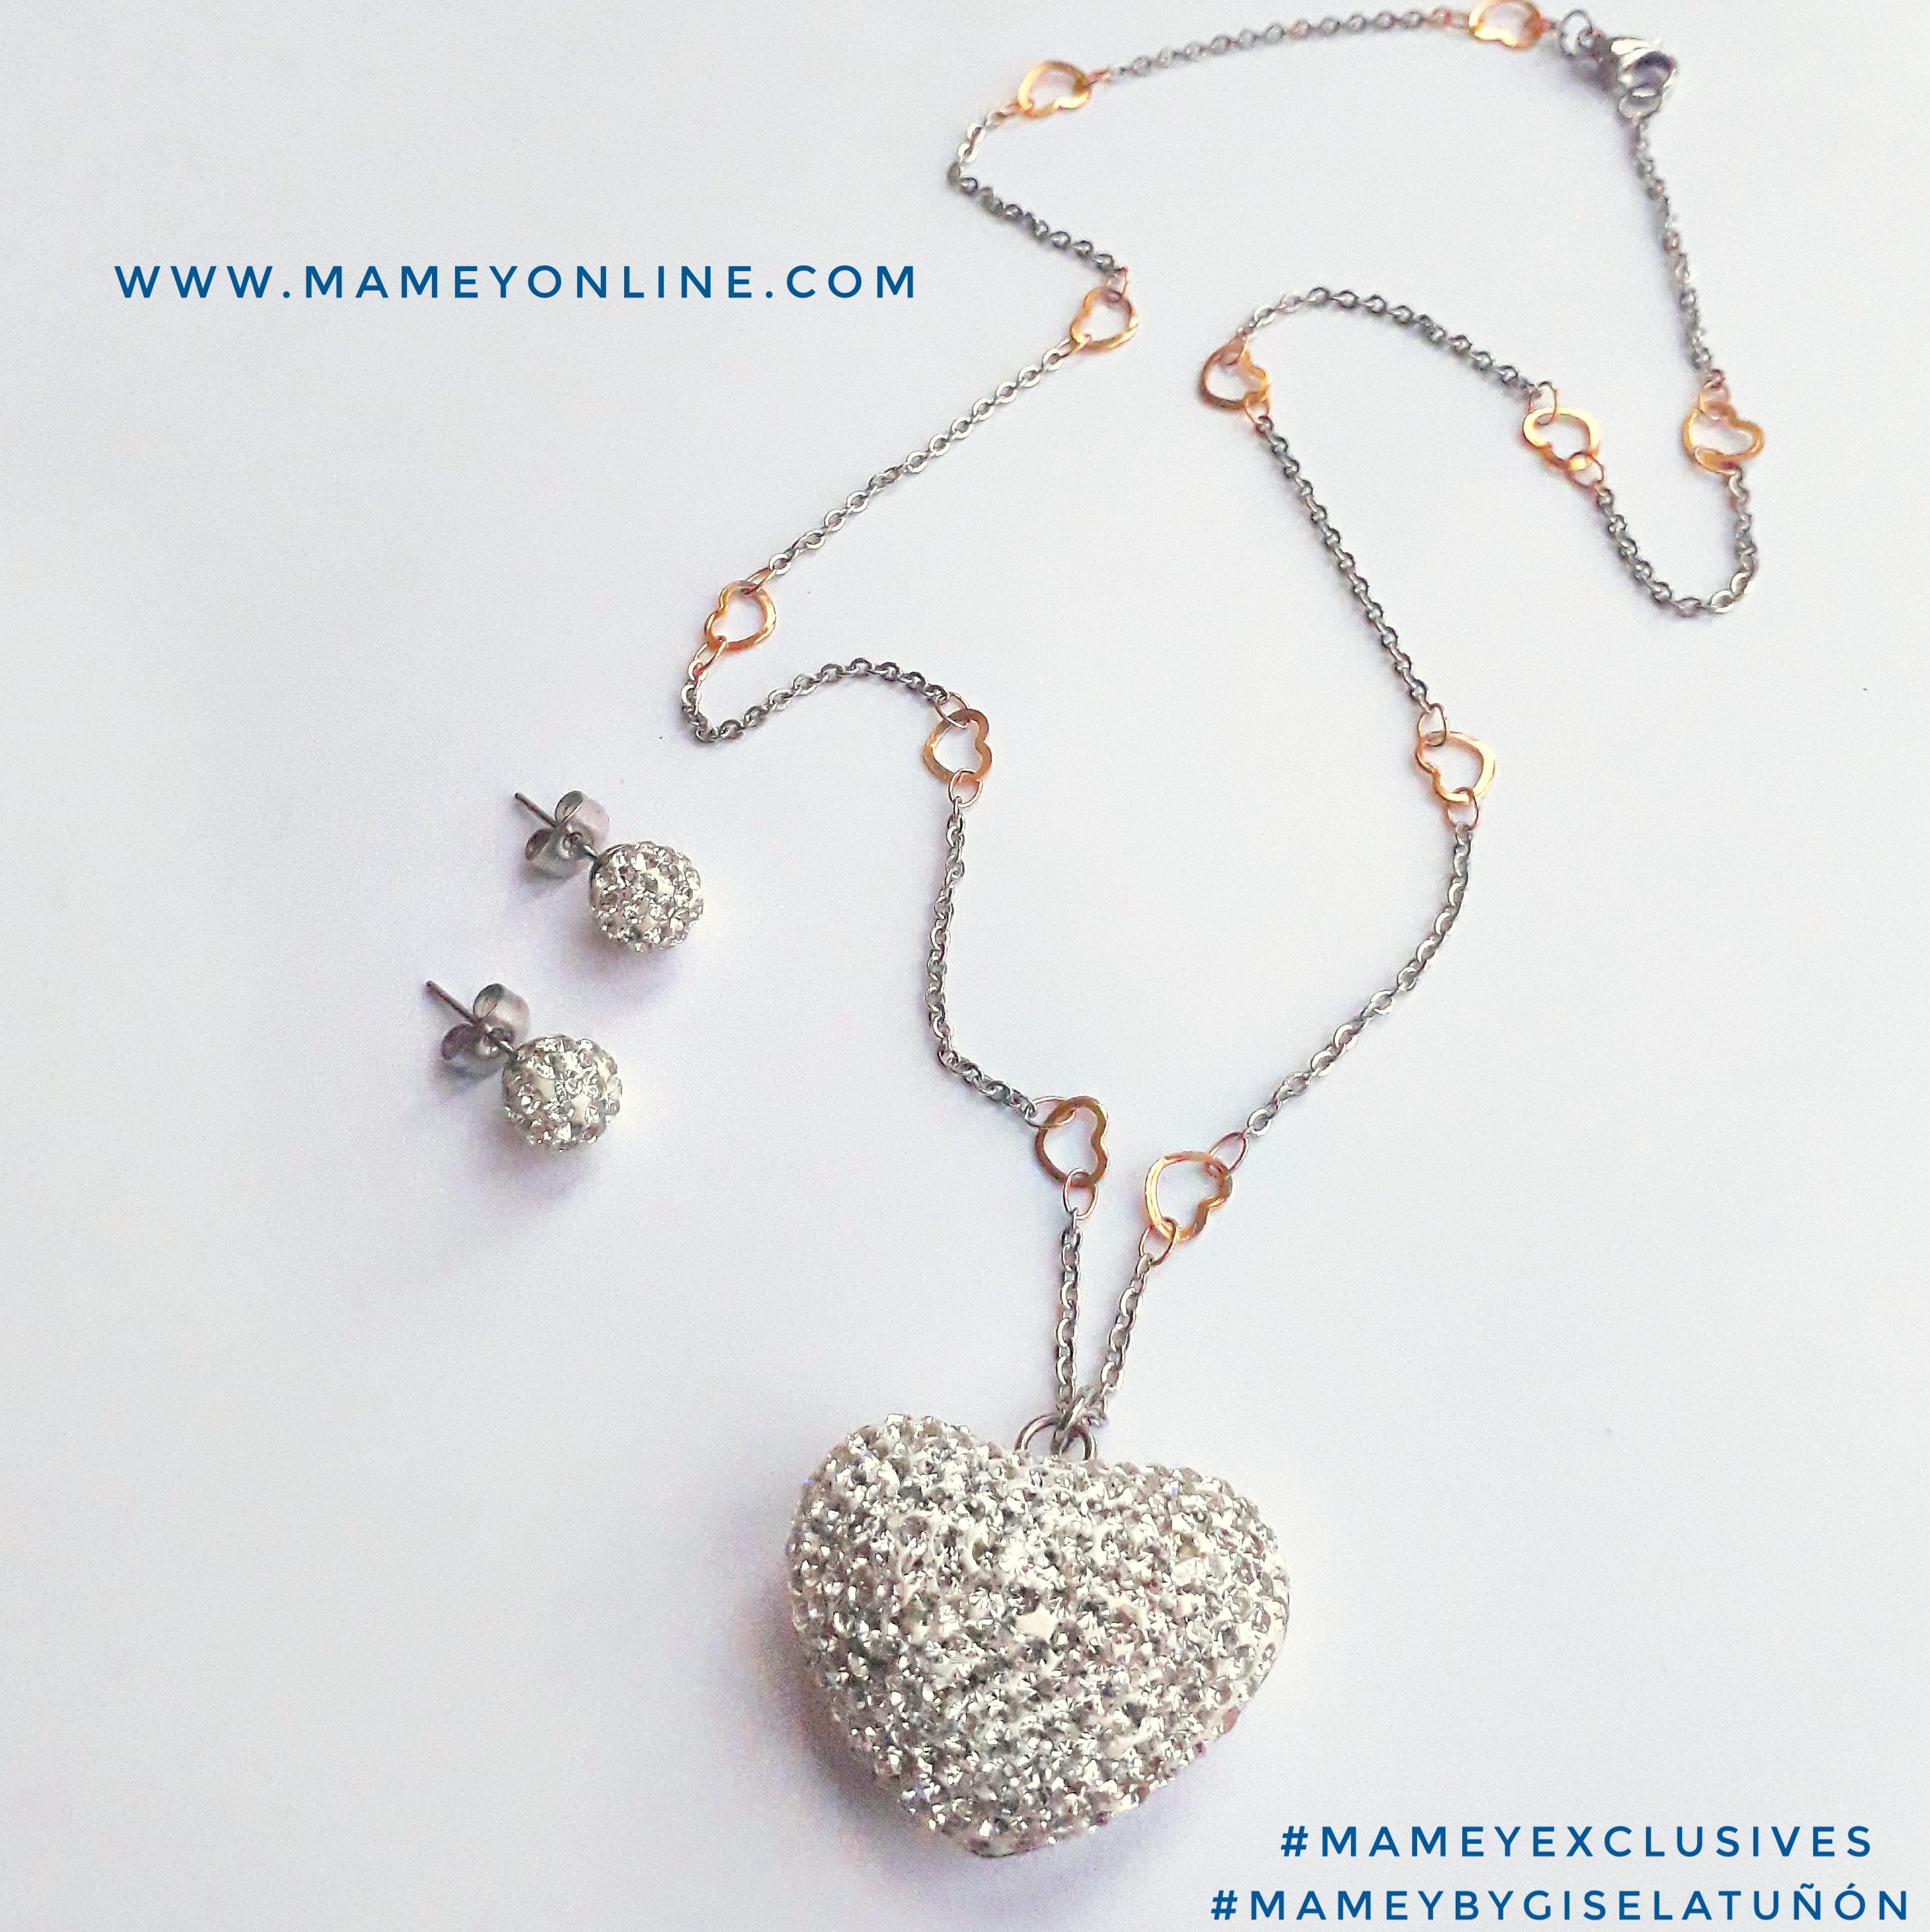 4c2f605ed89d MA06 – Juego de collar y dije de corazón gordito con rhinestones y cadena  de corazones  acero inoxidable. Diseño único y exclusivo  ByGiselaTuñón